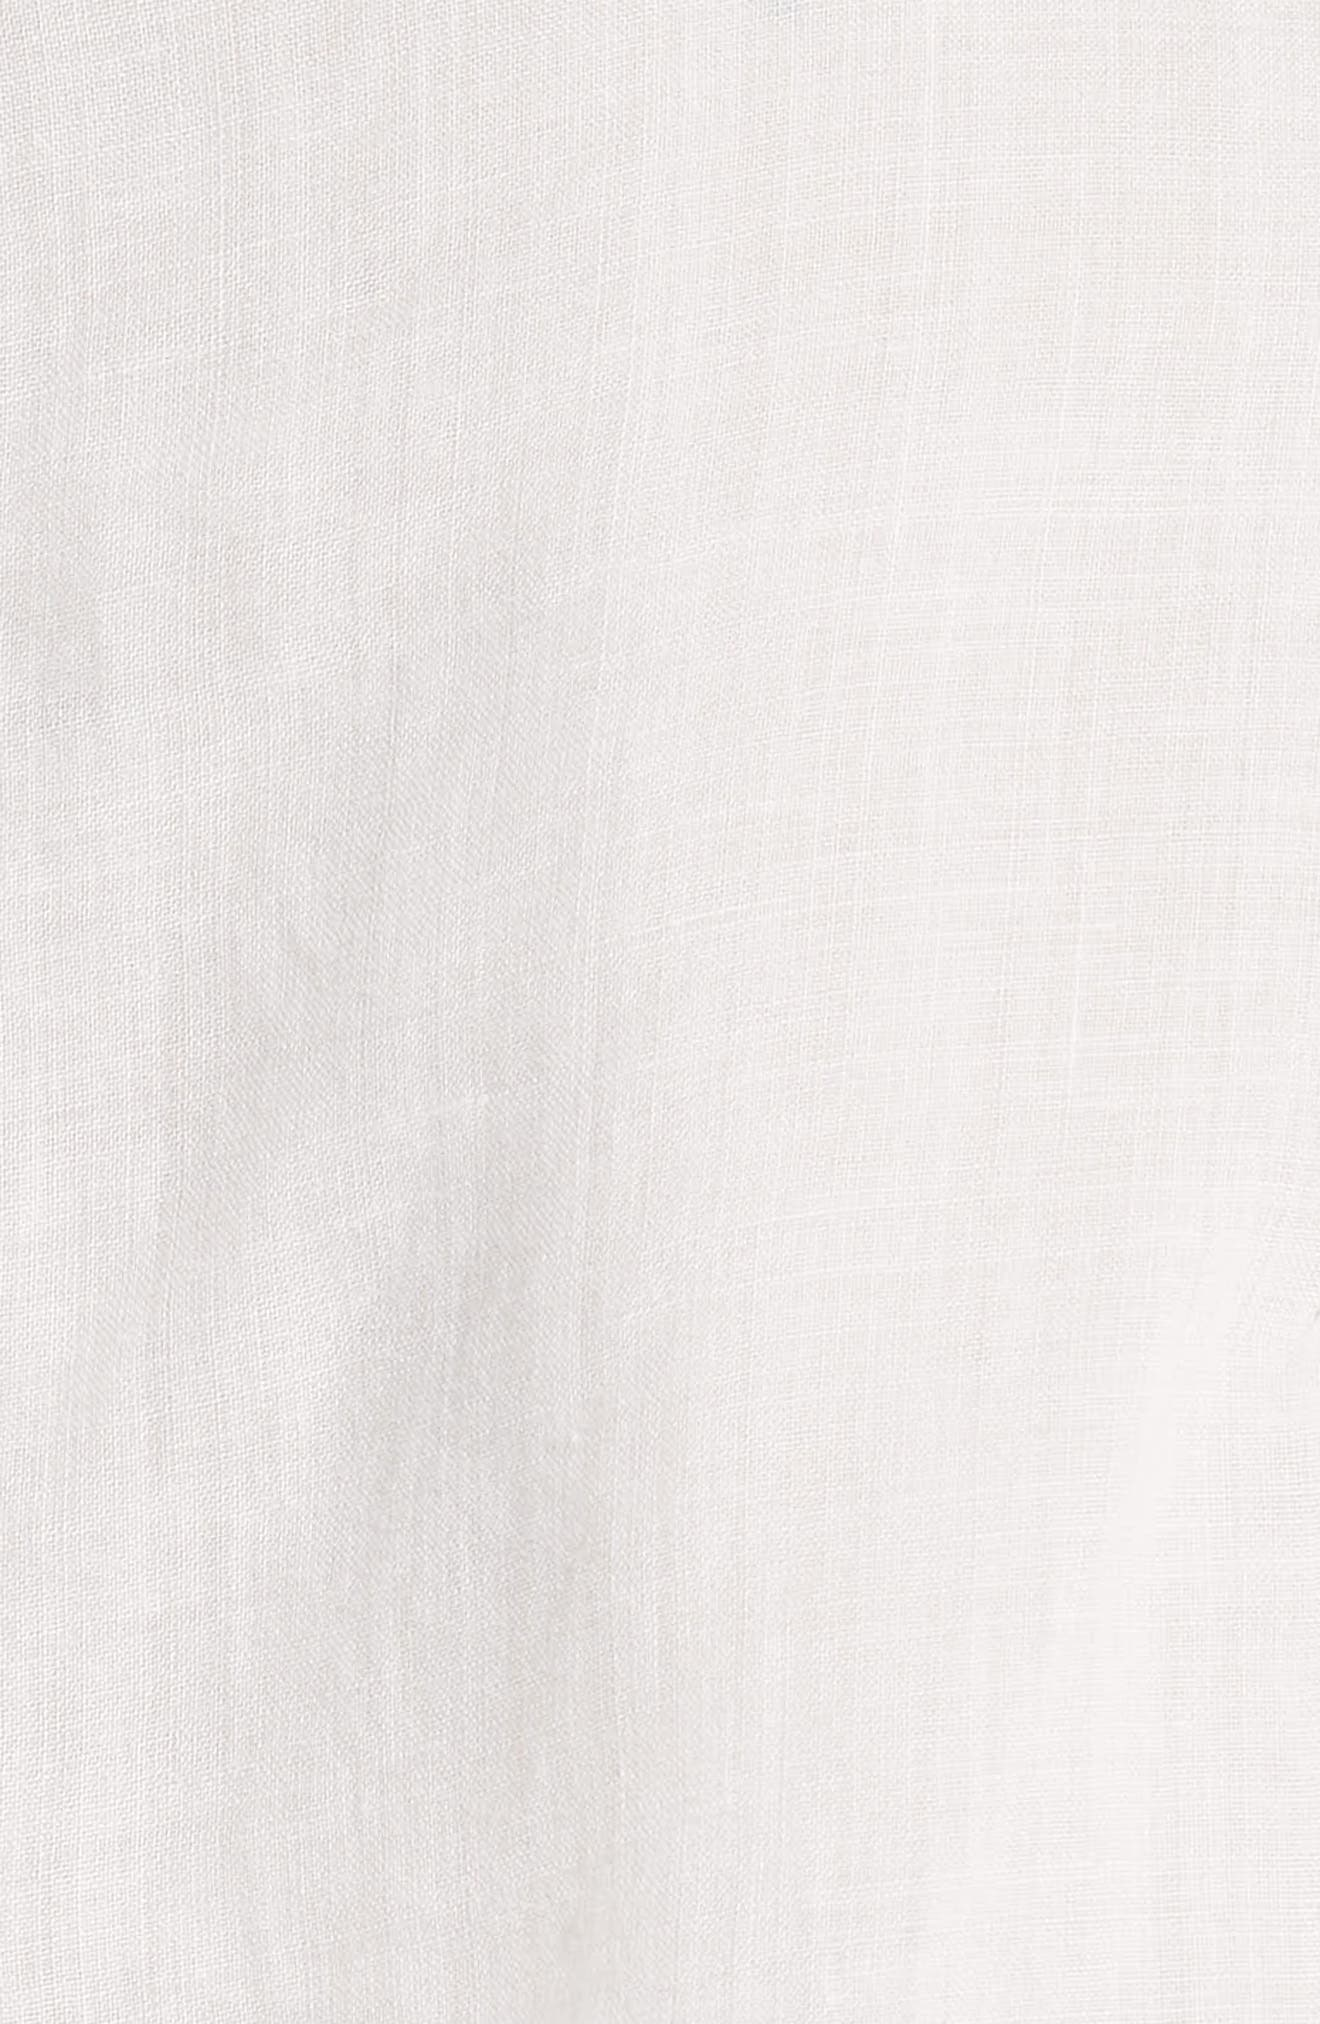 Radeli Bell Sleeve Top,                             Alternate thumbnail 5, color,                             Porcelain